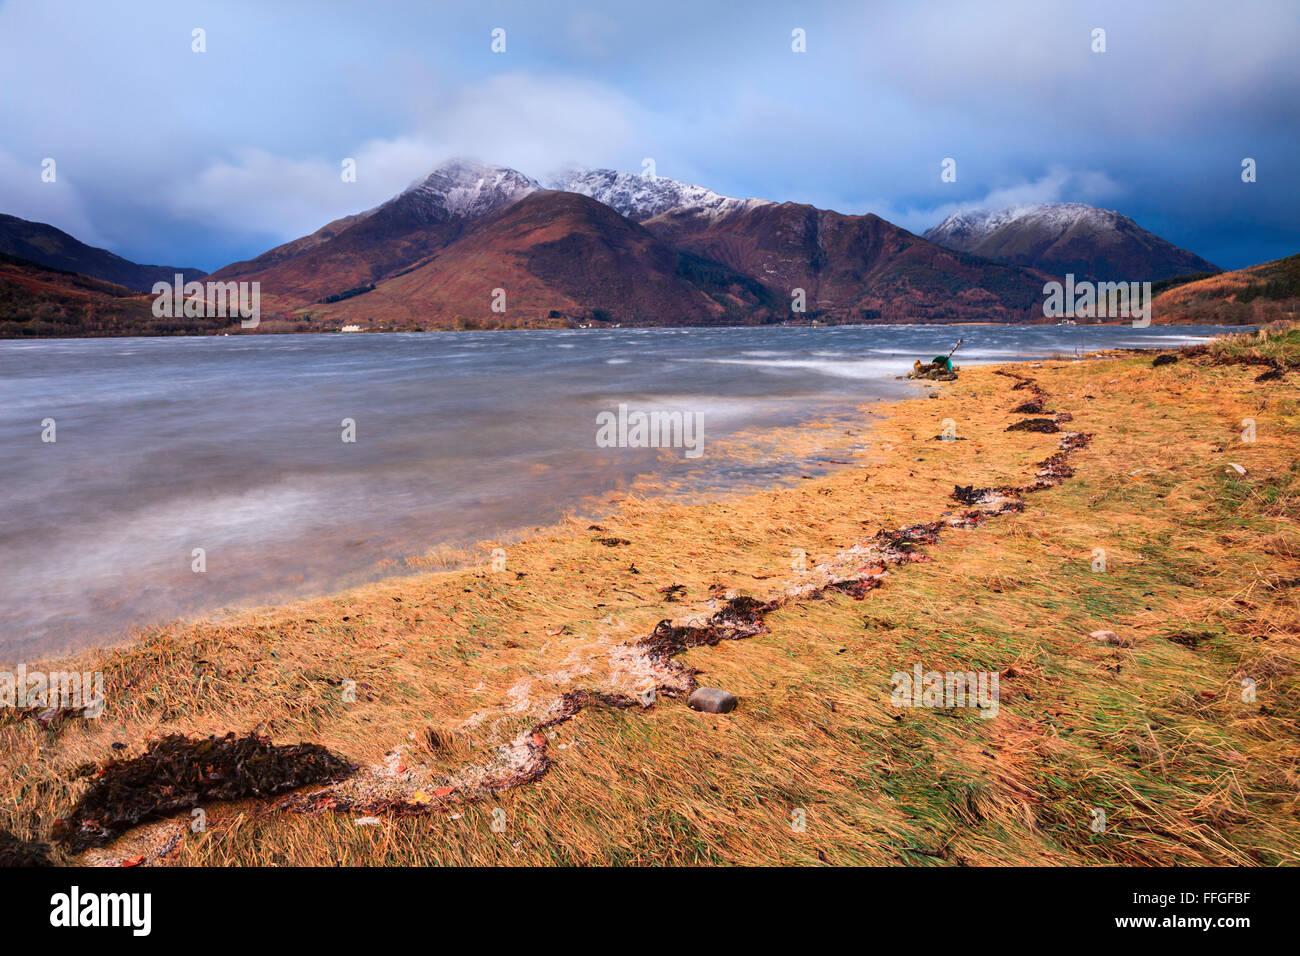 Un Bheithir Beinn capturées à partir de la rive nord du Loch Leven dans les Highlands écossais, sur Photo Stock